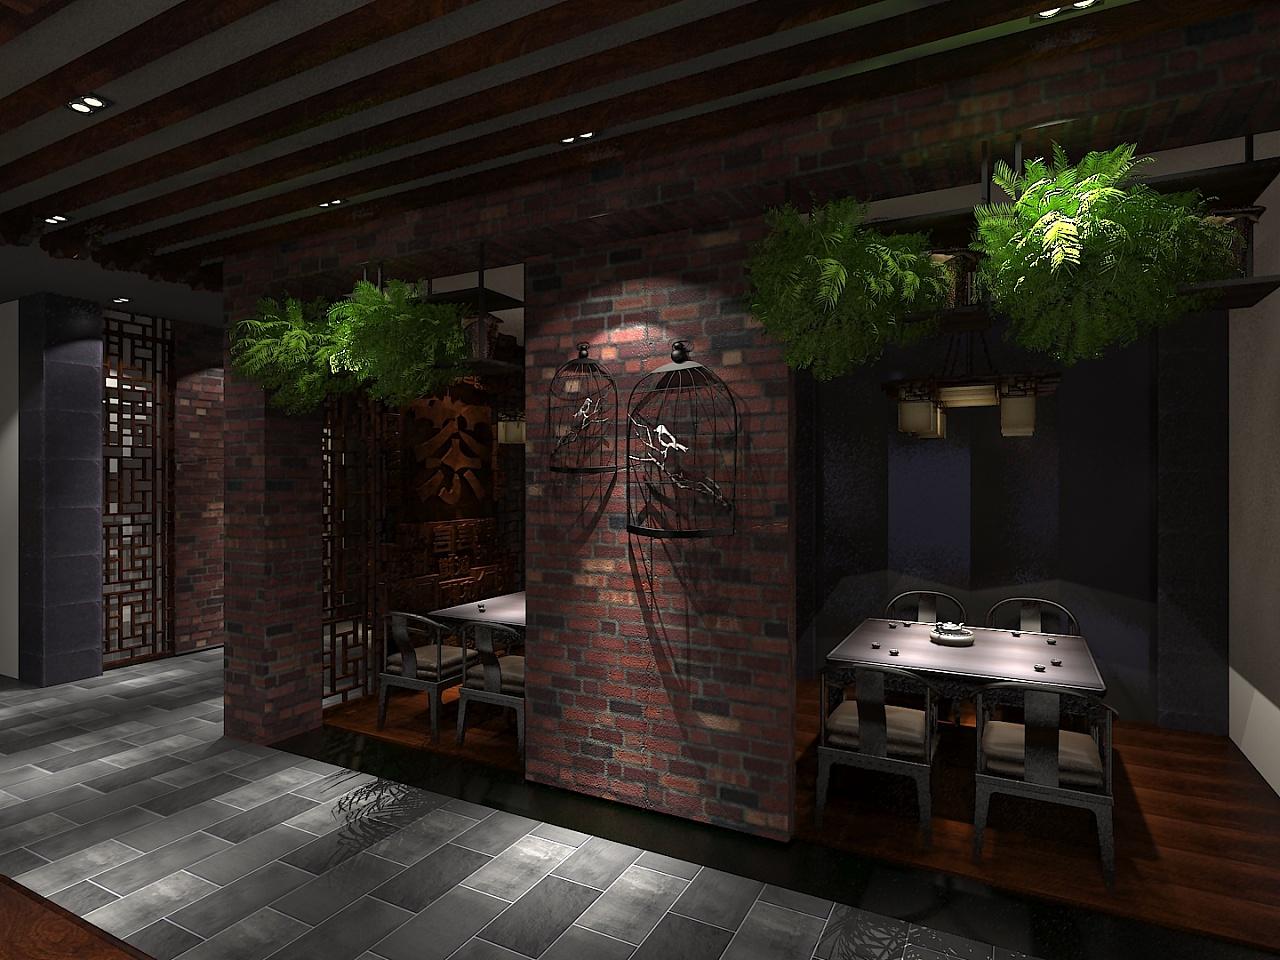 四十平梯形理发店室内设计图展示图片